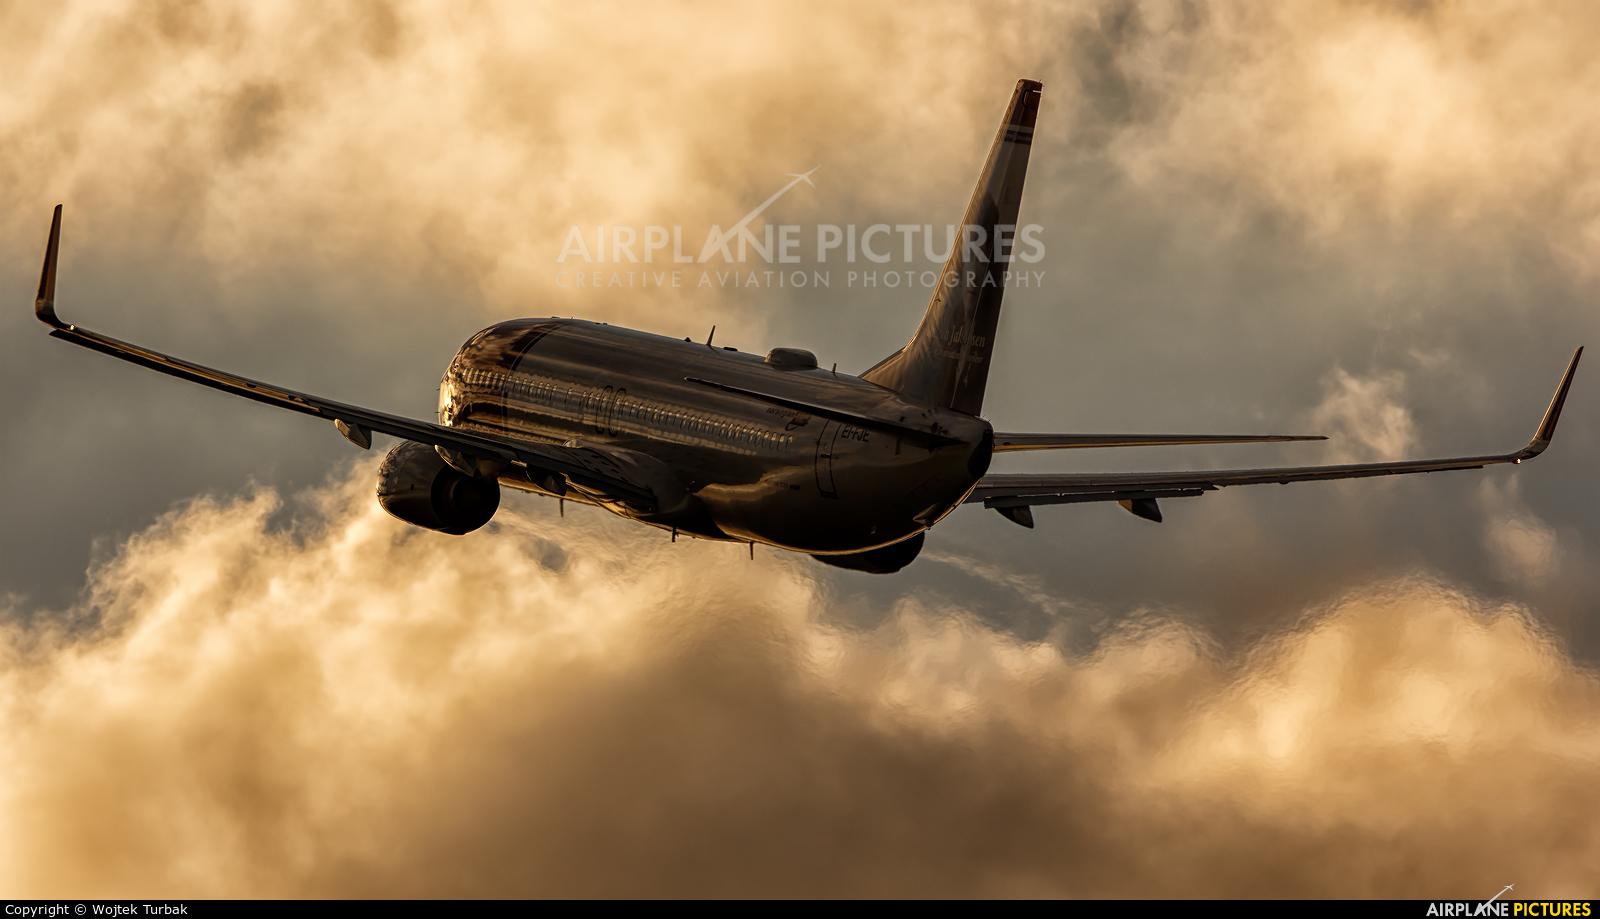 Norwegian Air Shuttle EI-FJE aircraft at Dublin